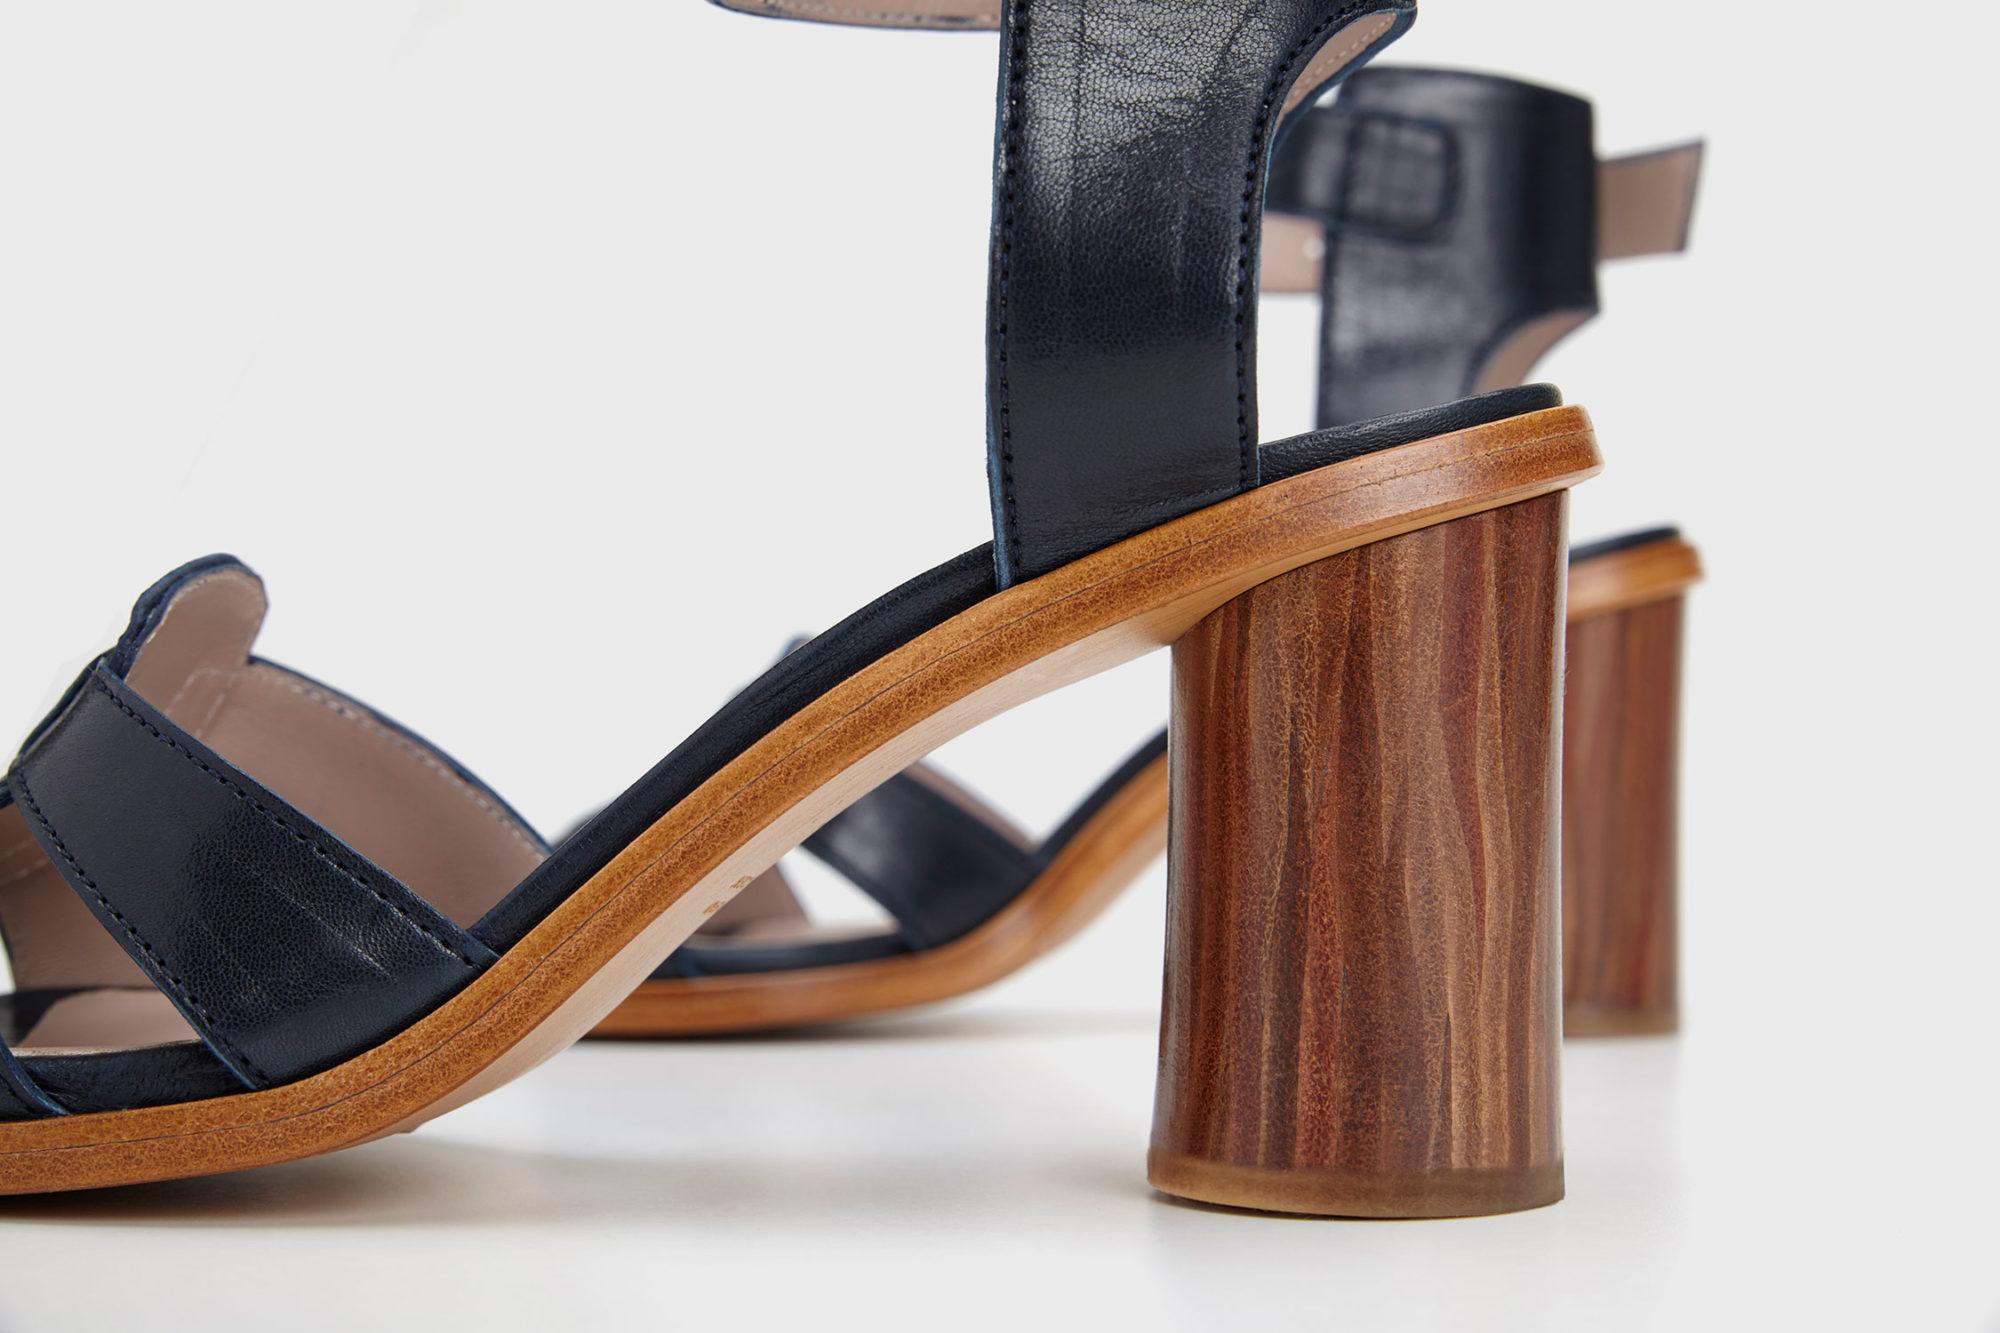 Dorotea sandalia de tacón alto Lianne azul marino ss17 detalle